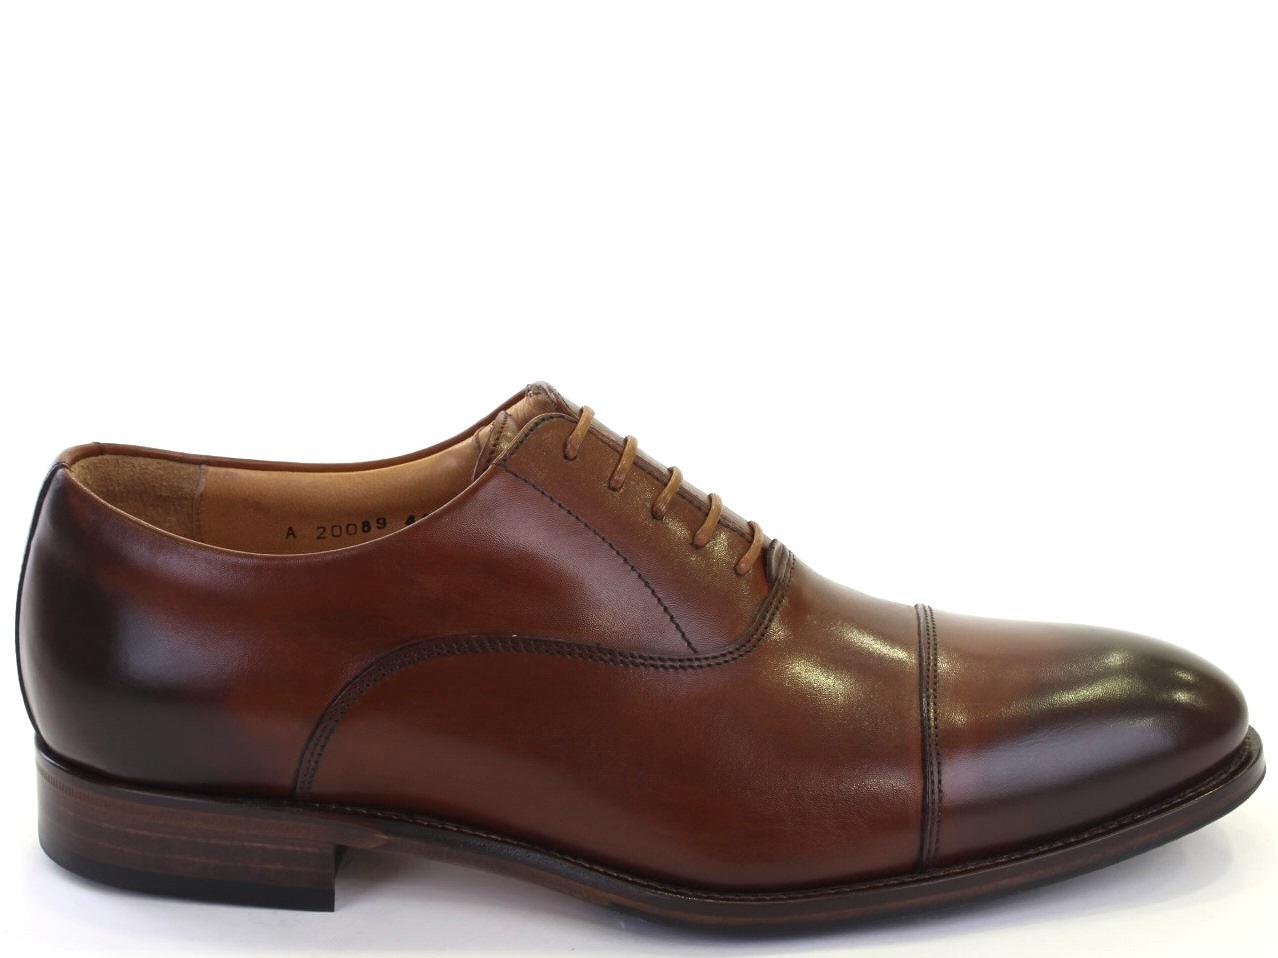 Lace Shoes Armando Silva - 405 A20089 11